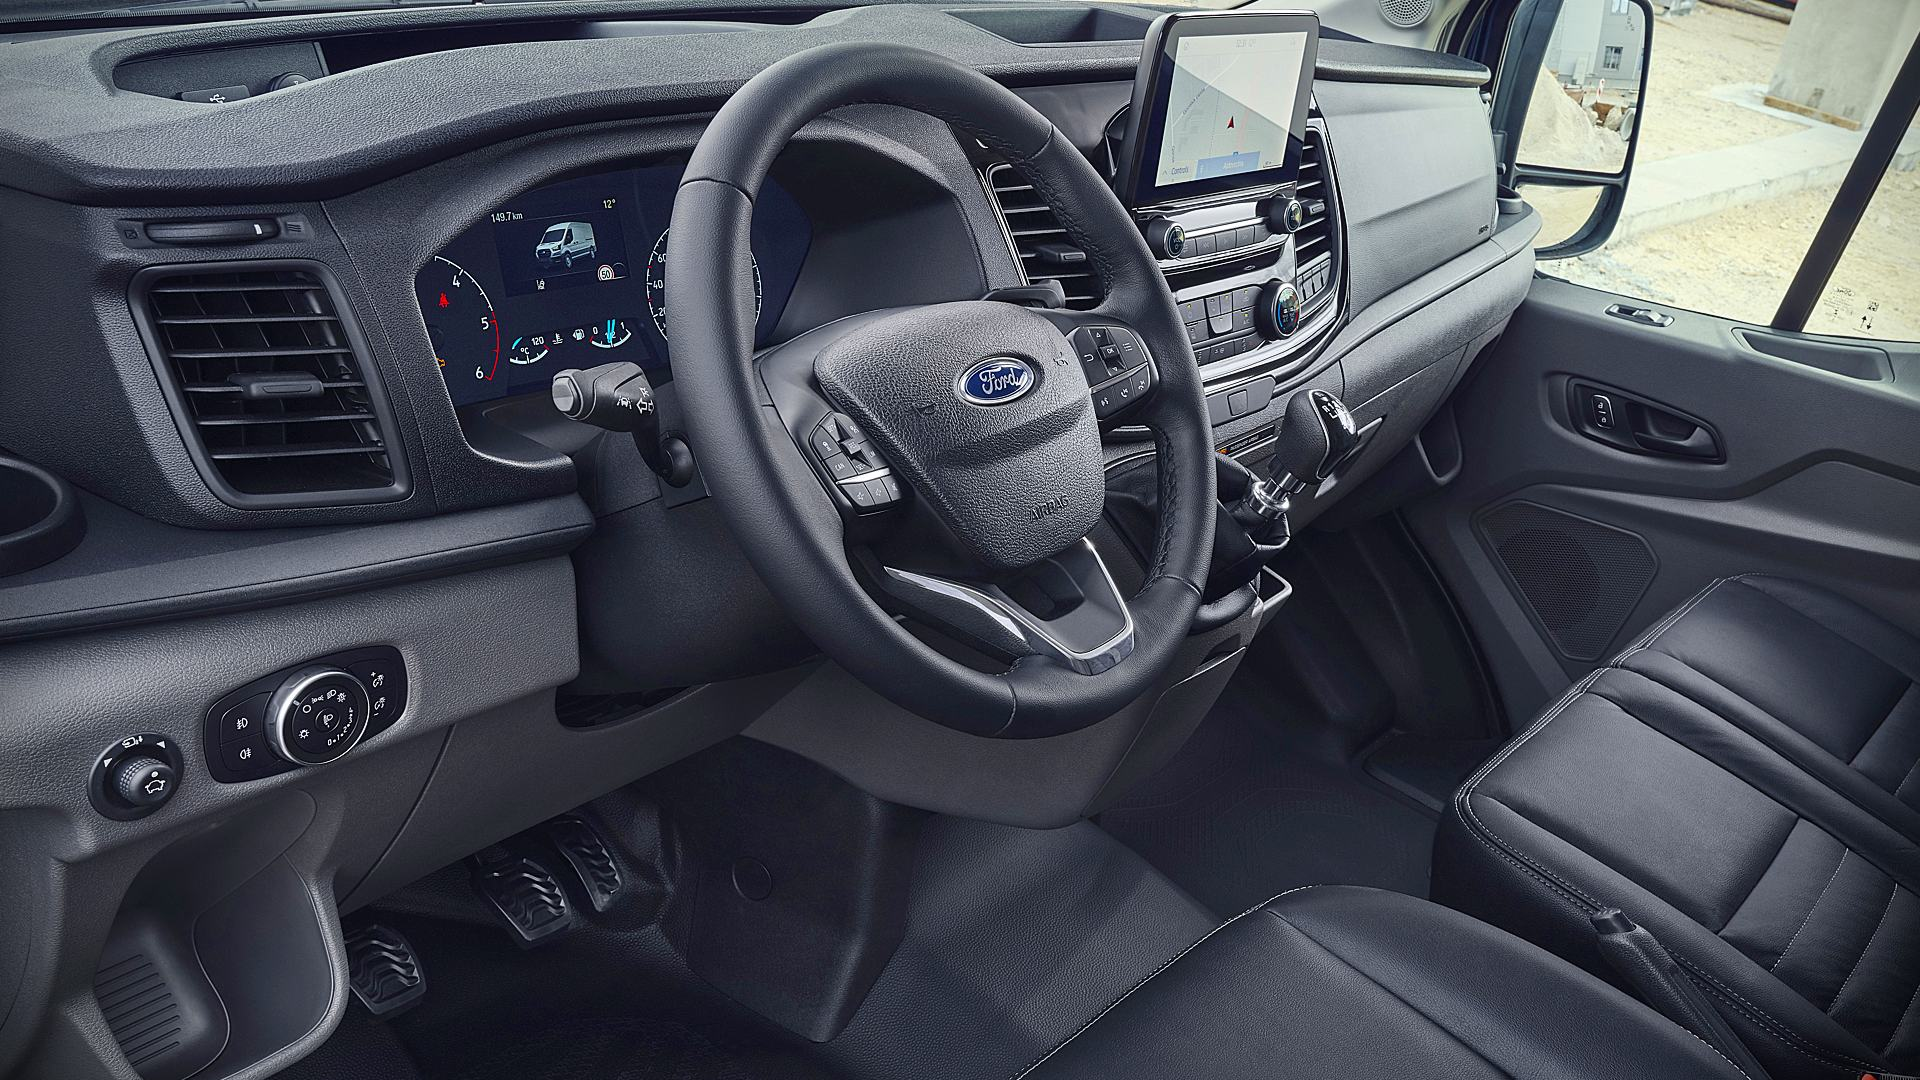 2021 Ford Transit Van Interior